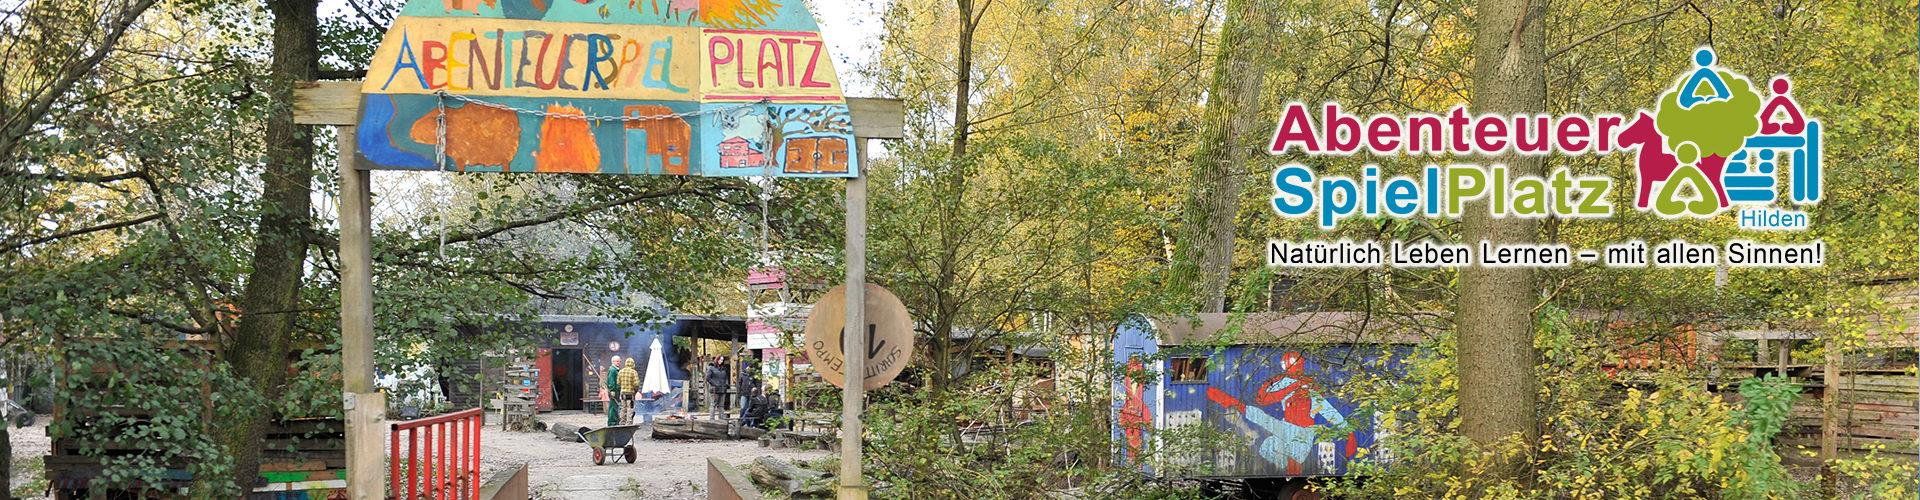 Abenteuerspielplatz Hilden Eingang